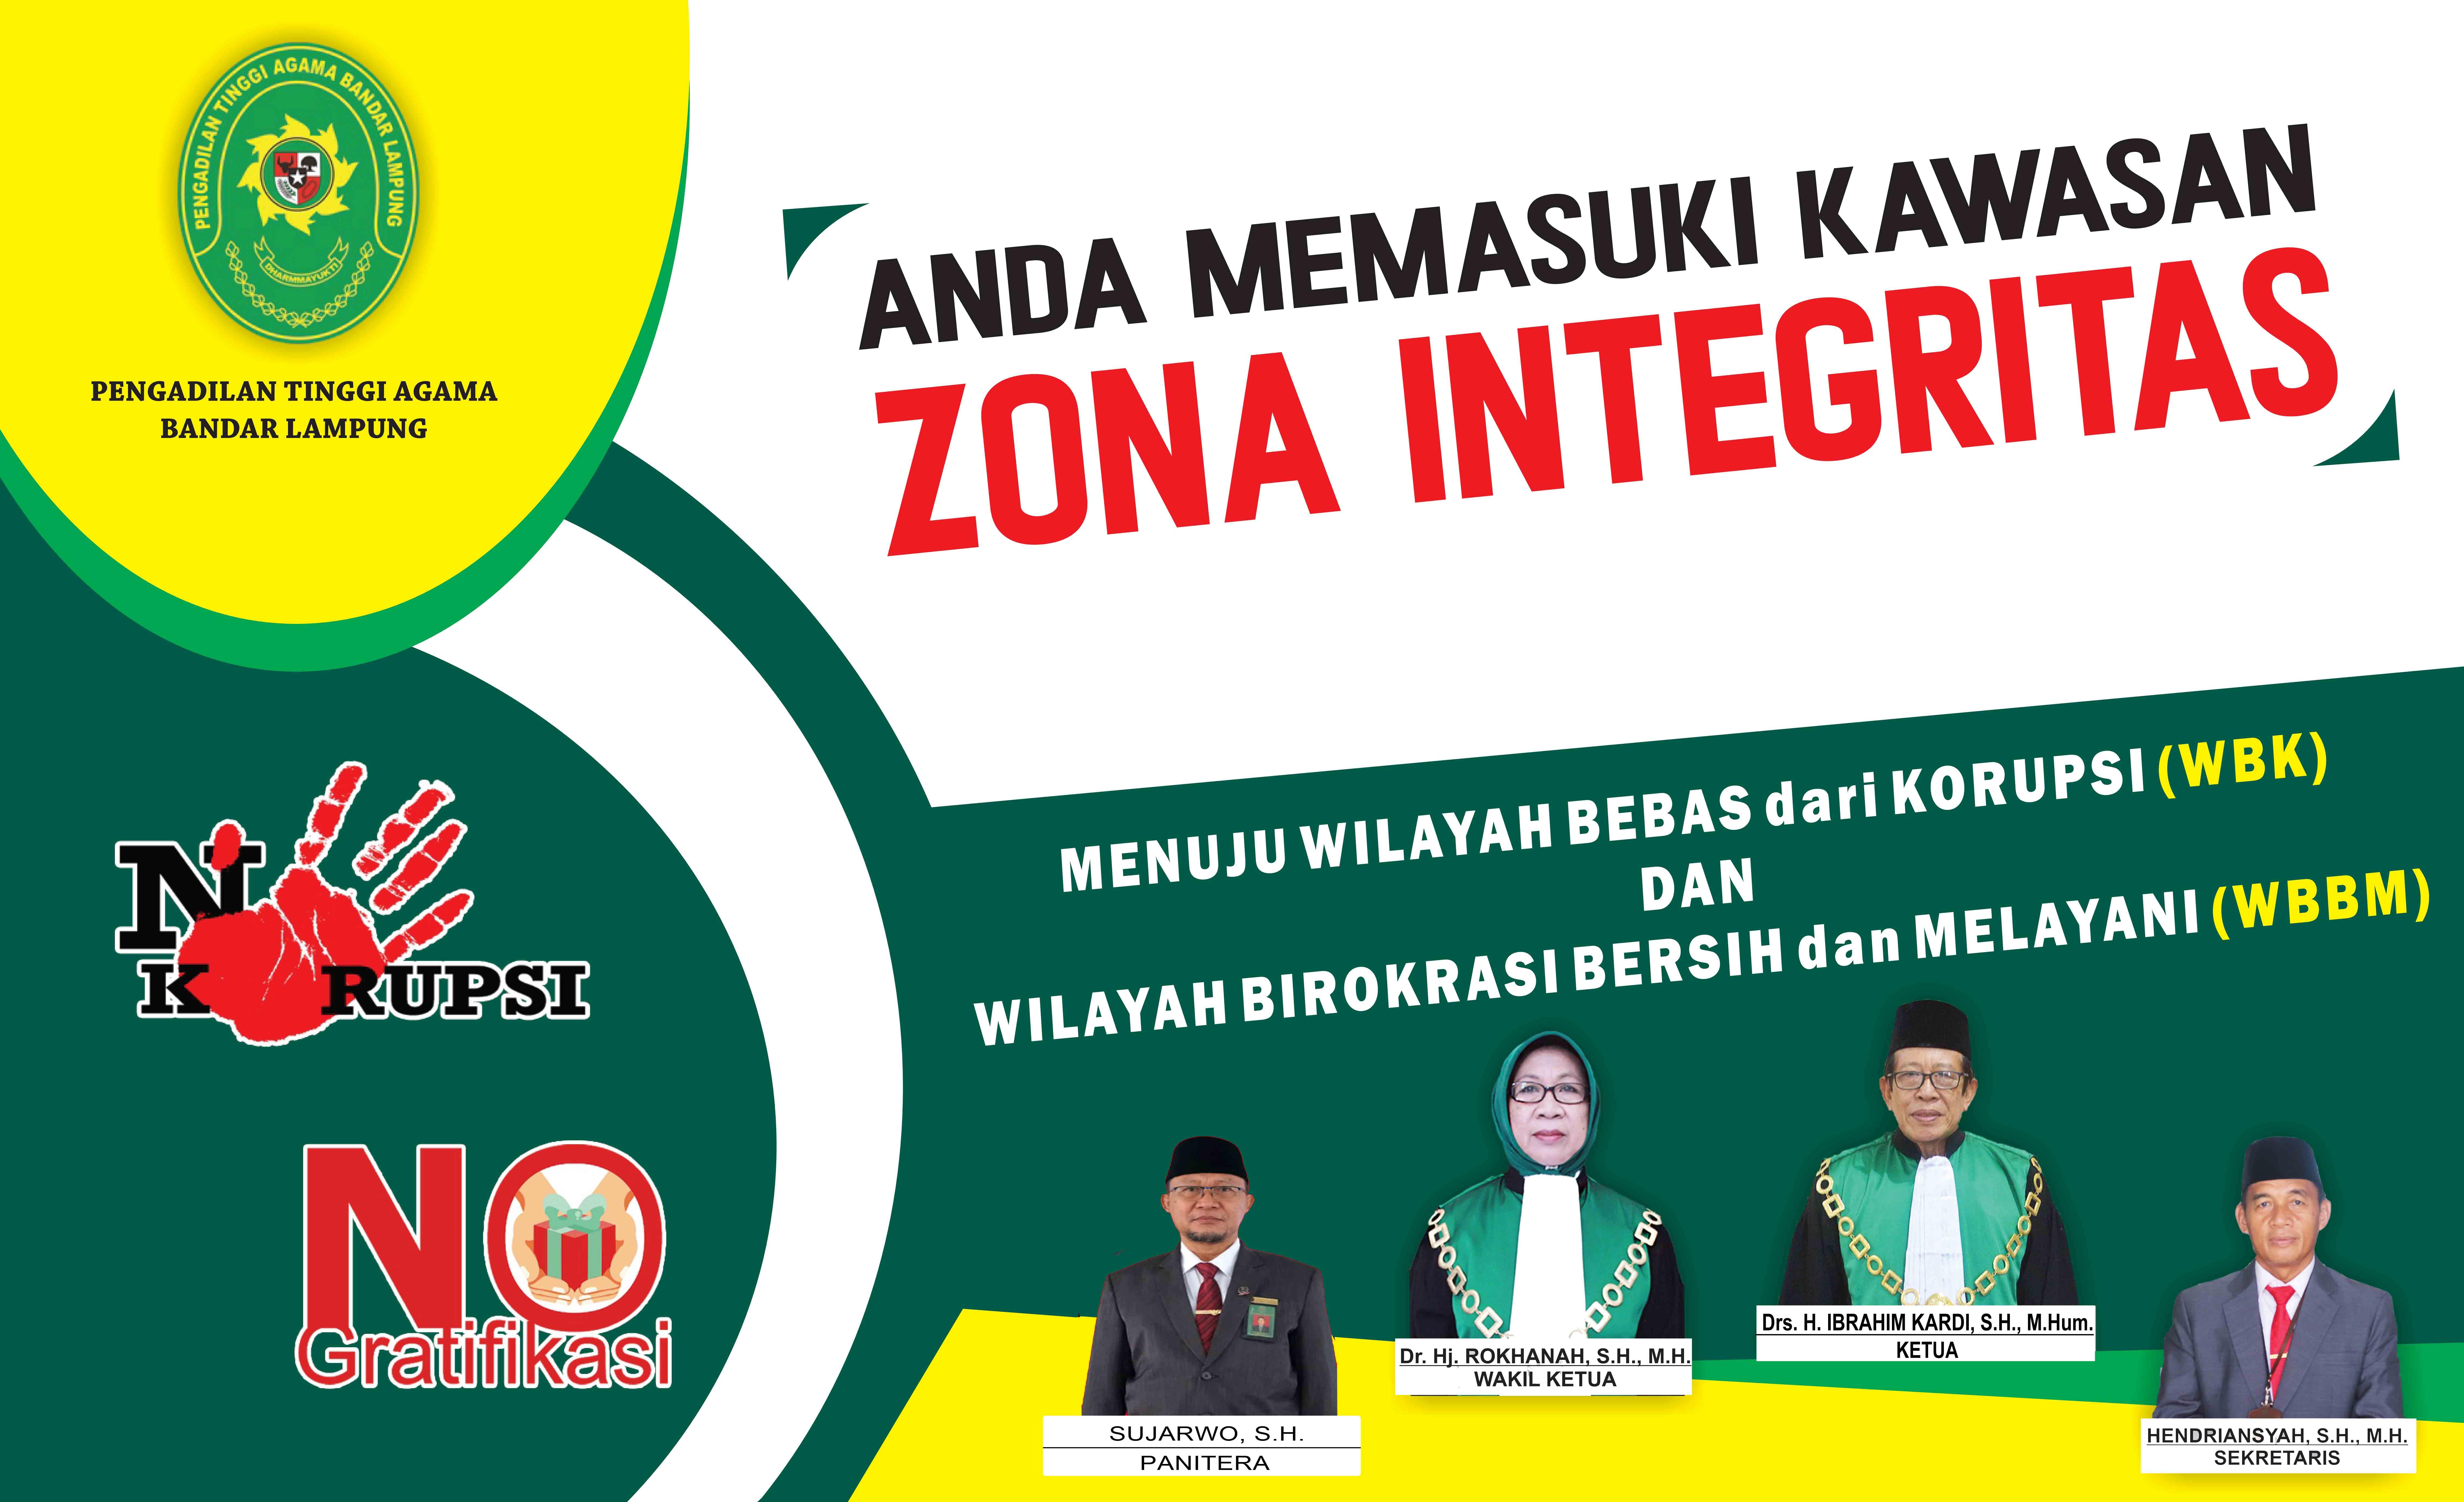 PTA Bandar Lampung Menuju Zona Integritas